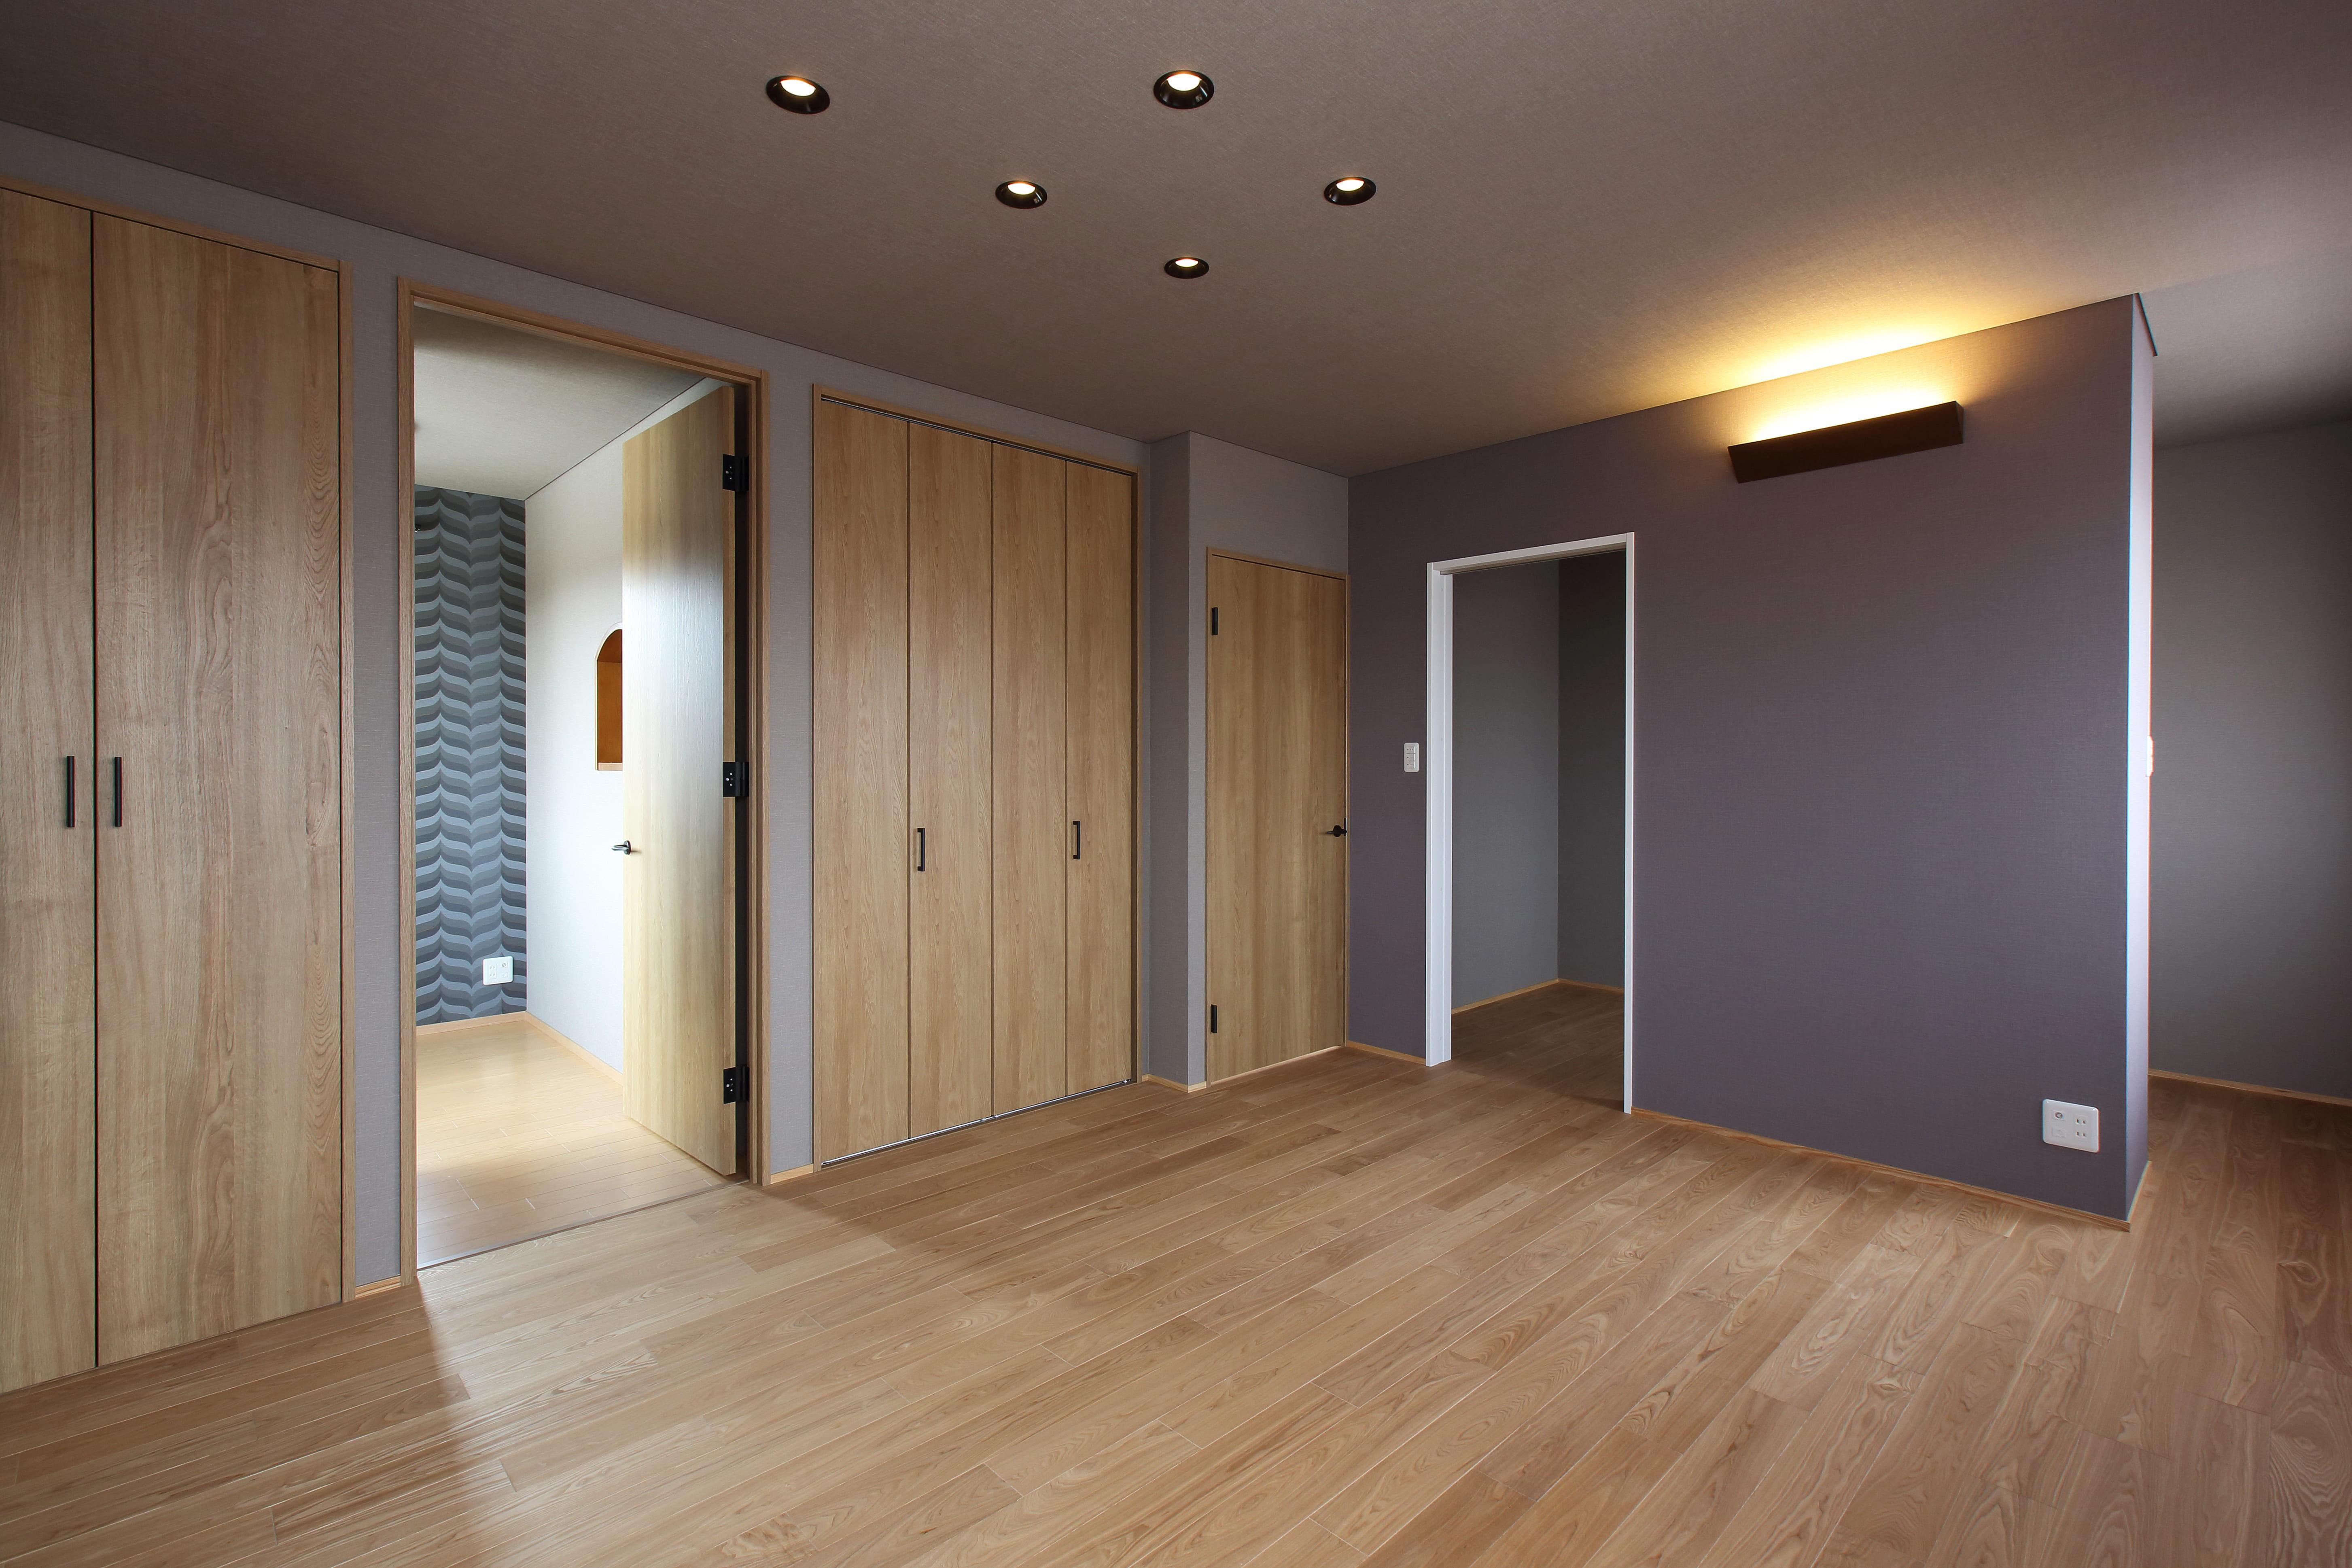 ベッドルーム事例:クロゼットと大型のウォークインクロゼットで収納を充実(中古住宅を購入してリフォーム。住みやすさとデザイン性の高さを兼ね備えた住まいに。)